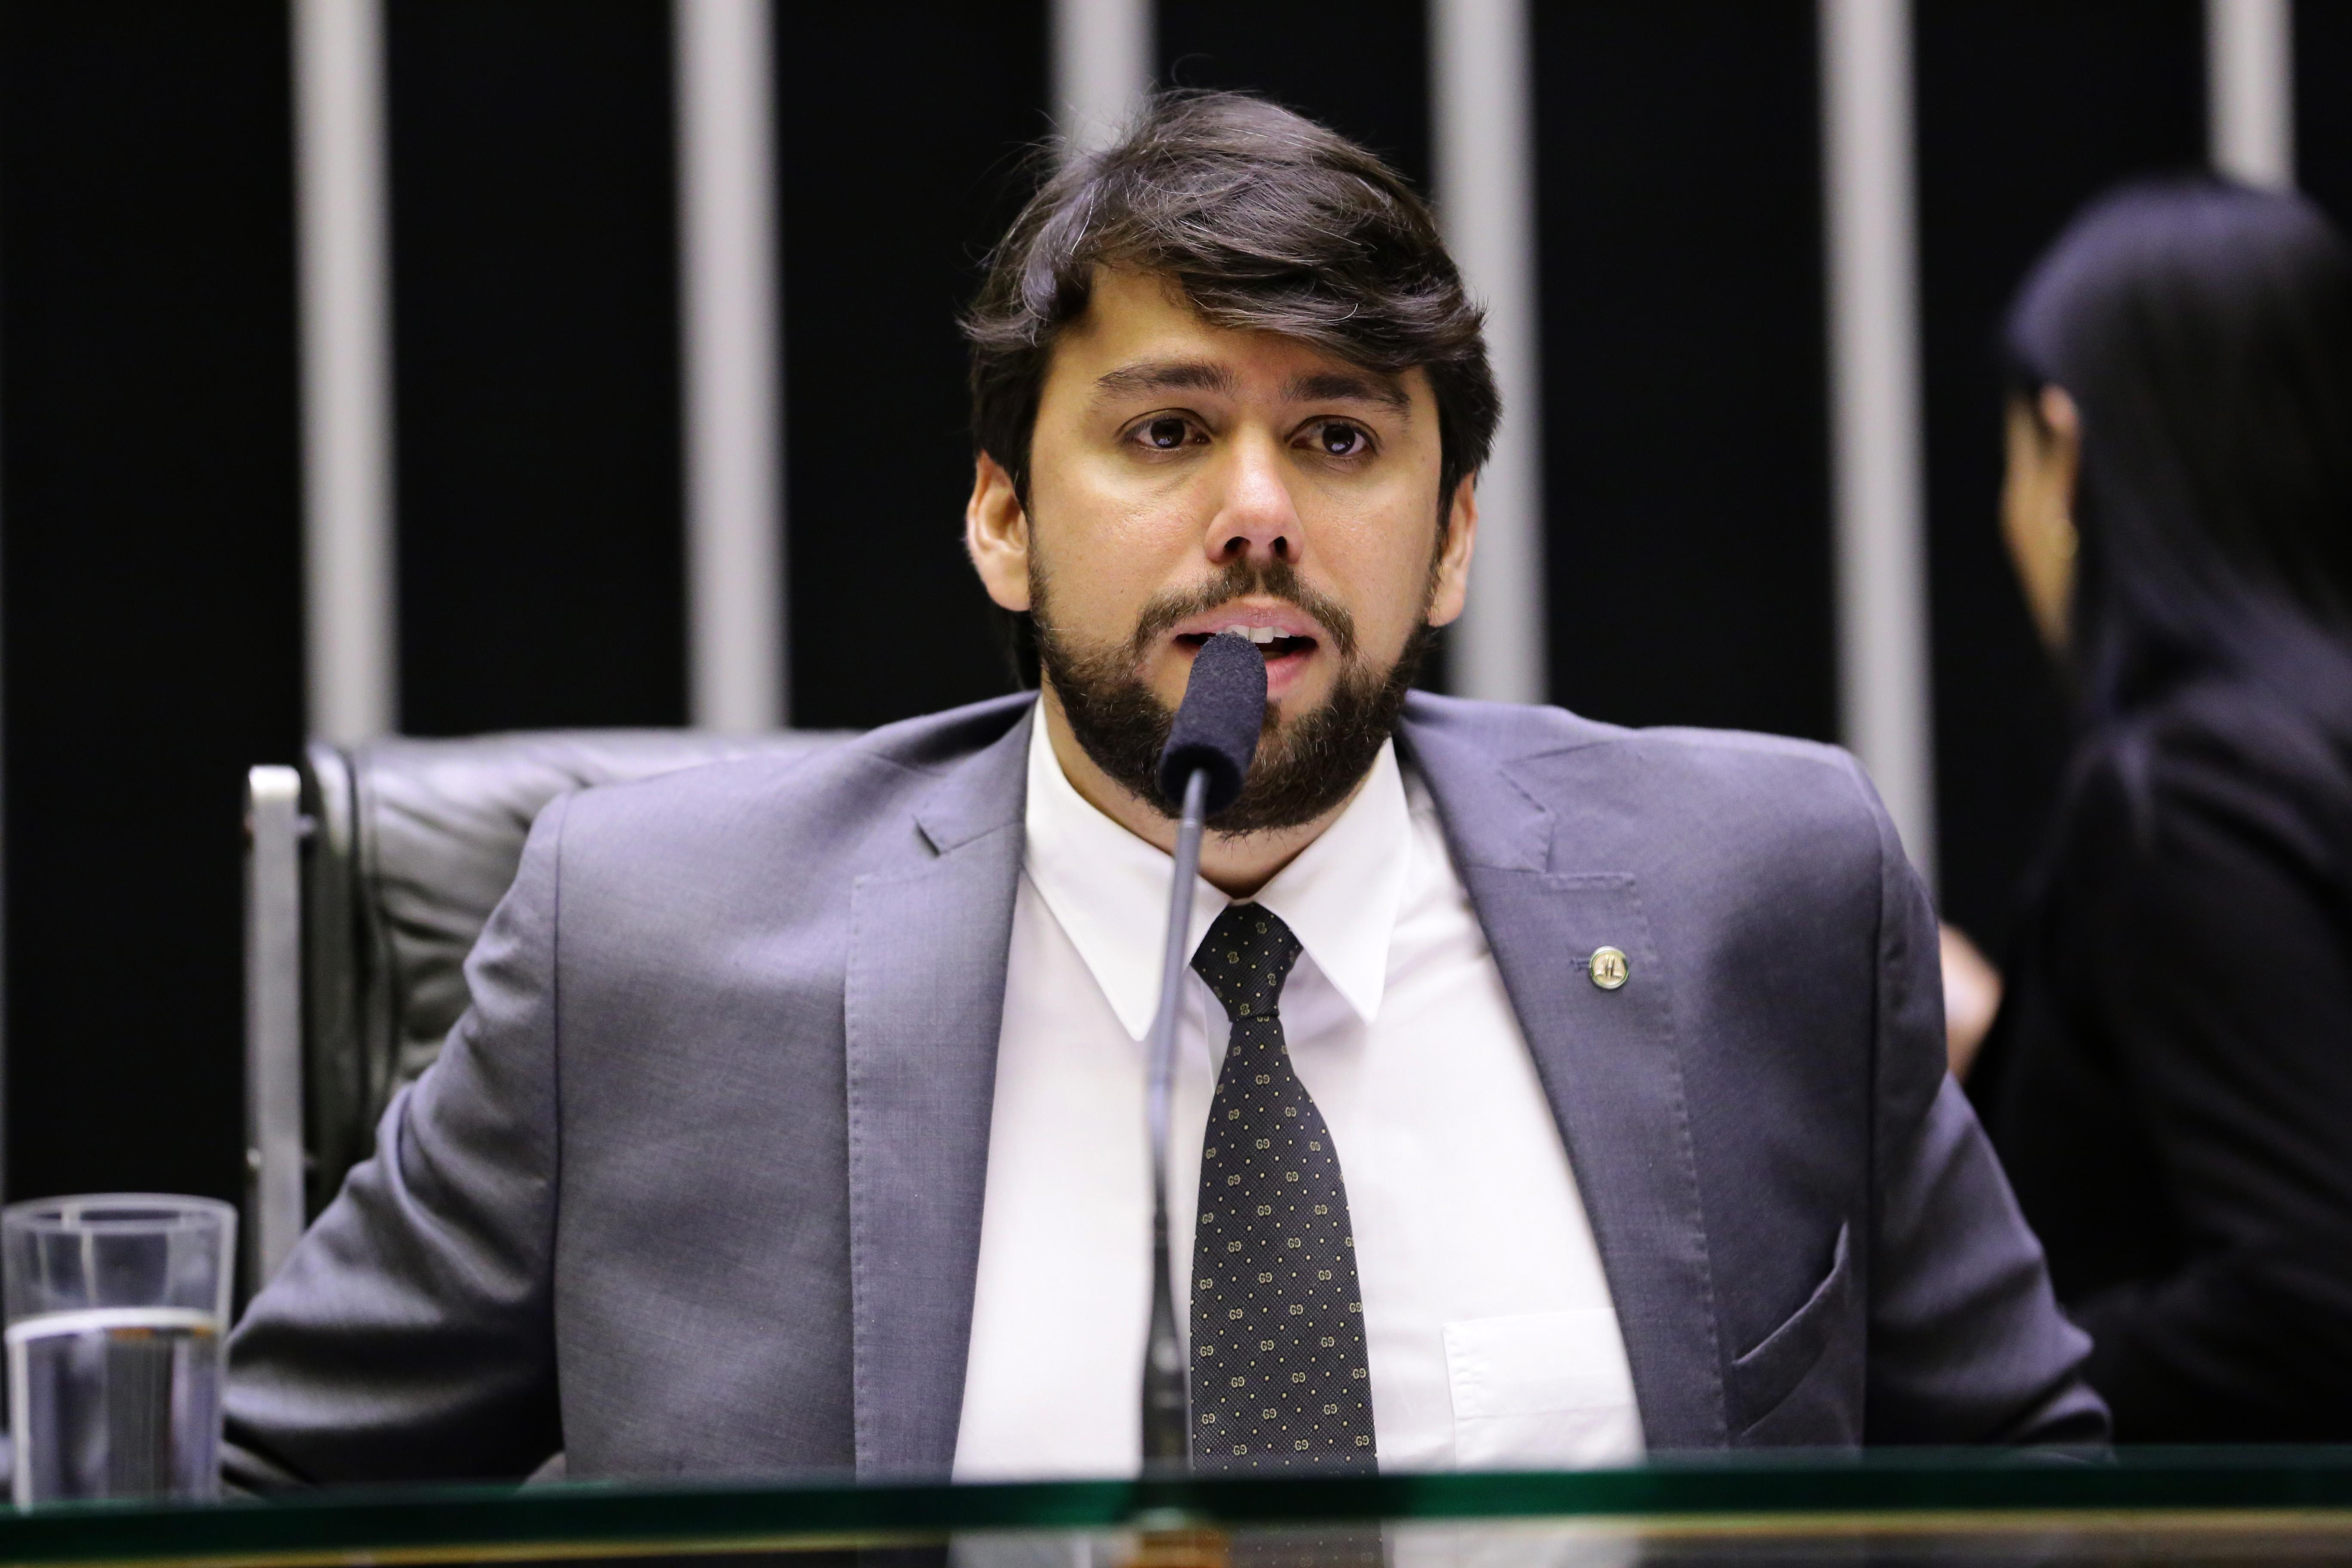 Sessão Solene em homenagem aos 74 Anos de Criação do Partido Trabalhista Brasileiro - PTB. Dep. Pedro Lucas Fernandes (PTB-MA)